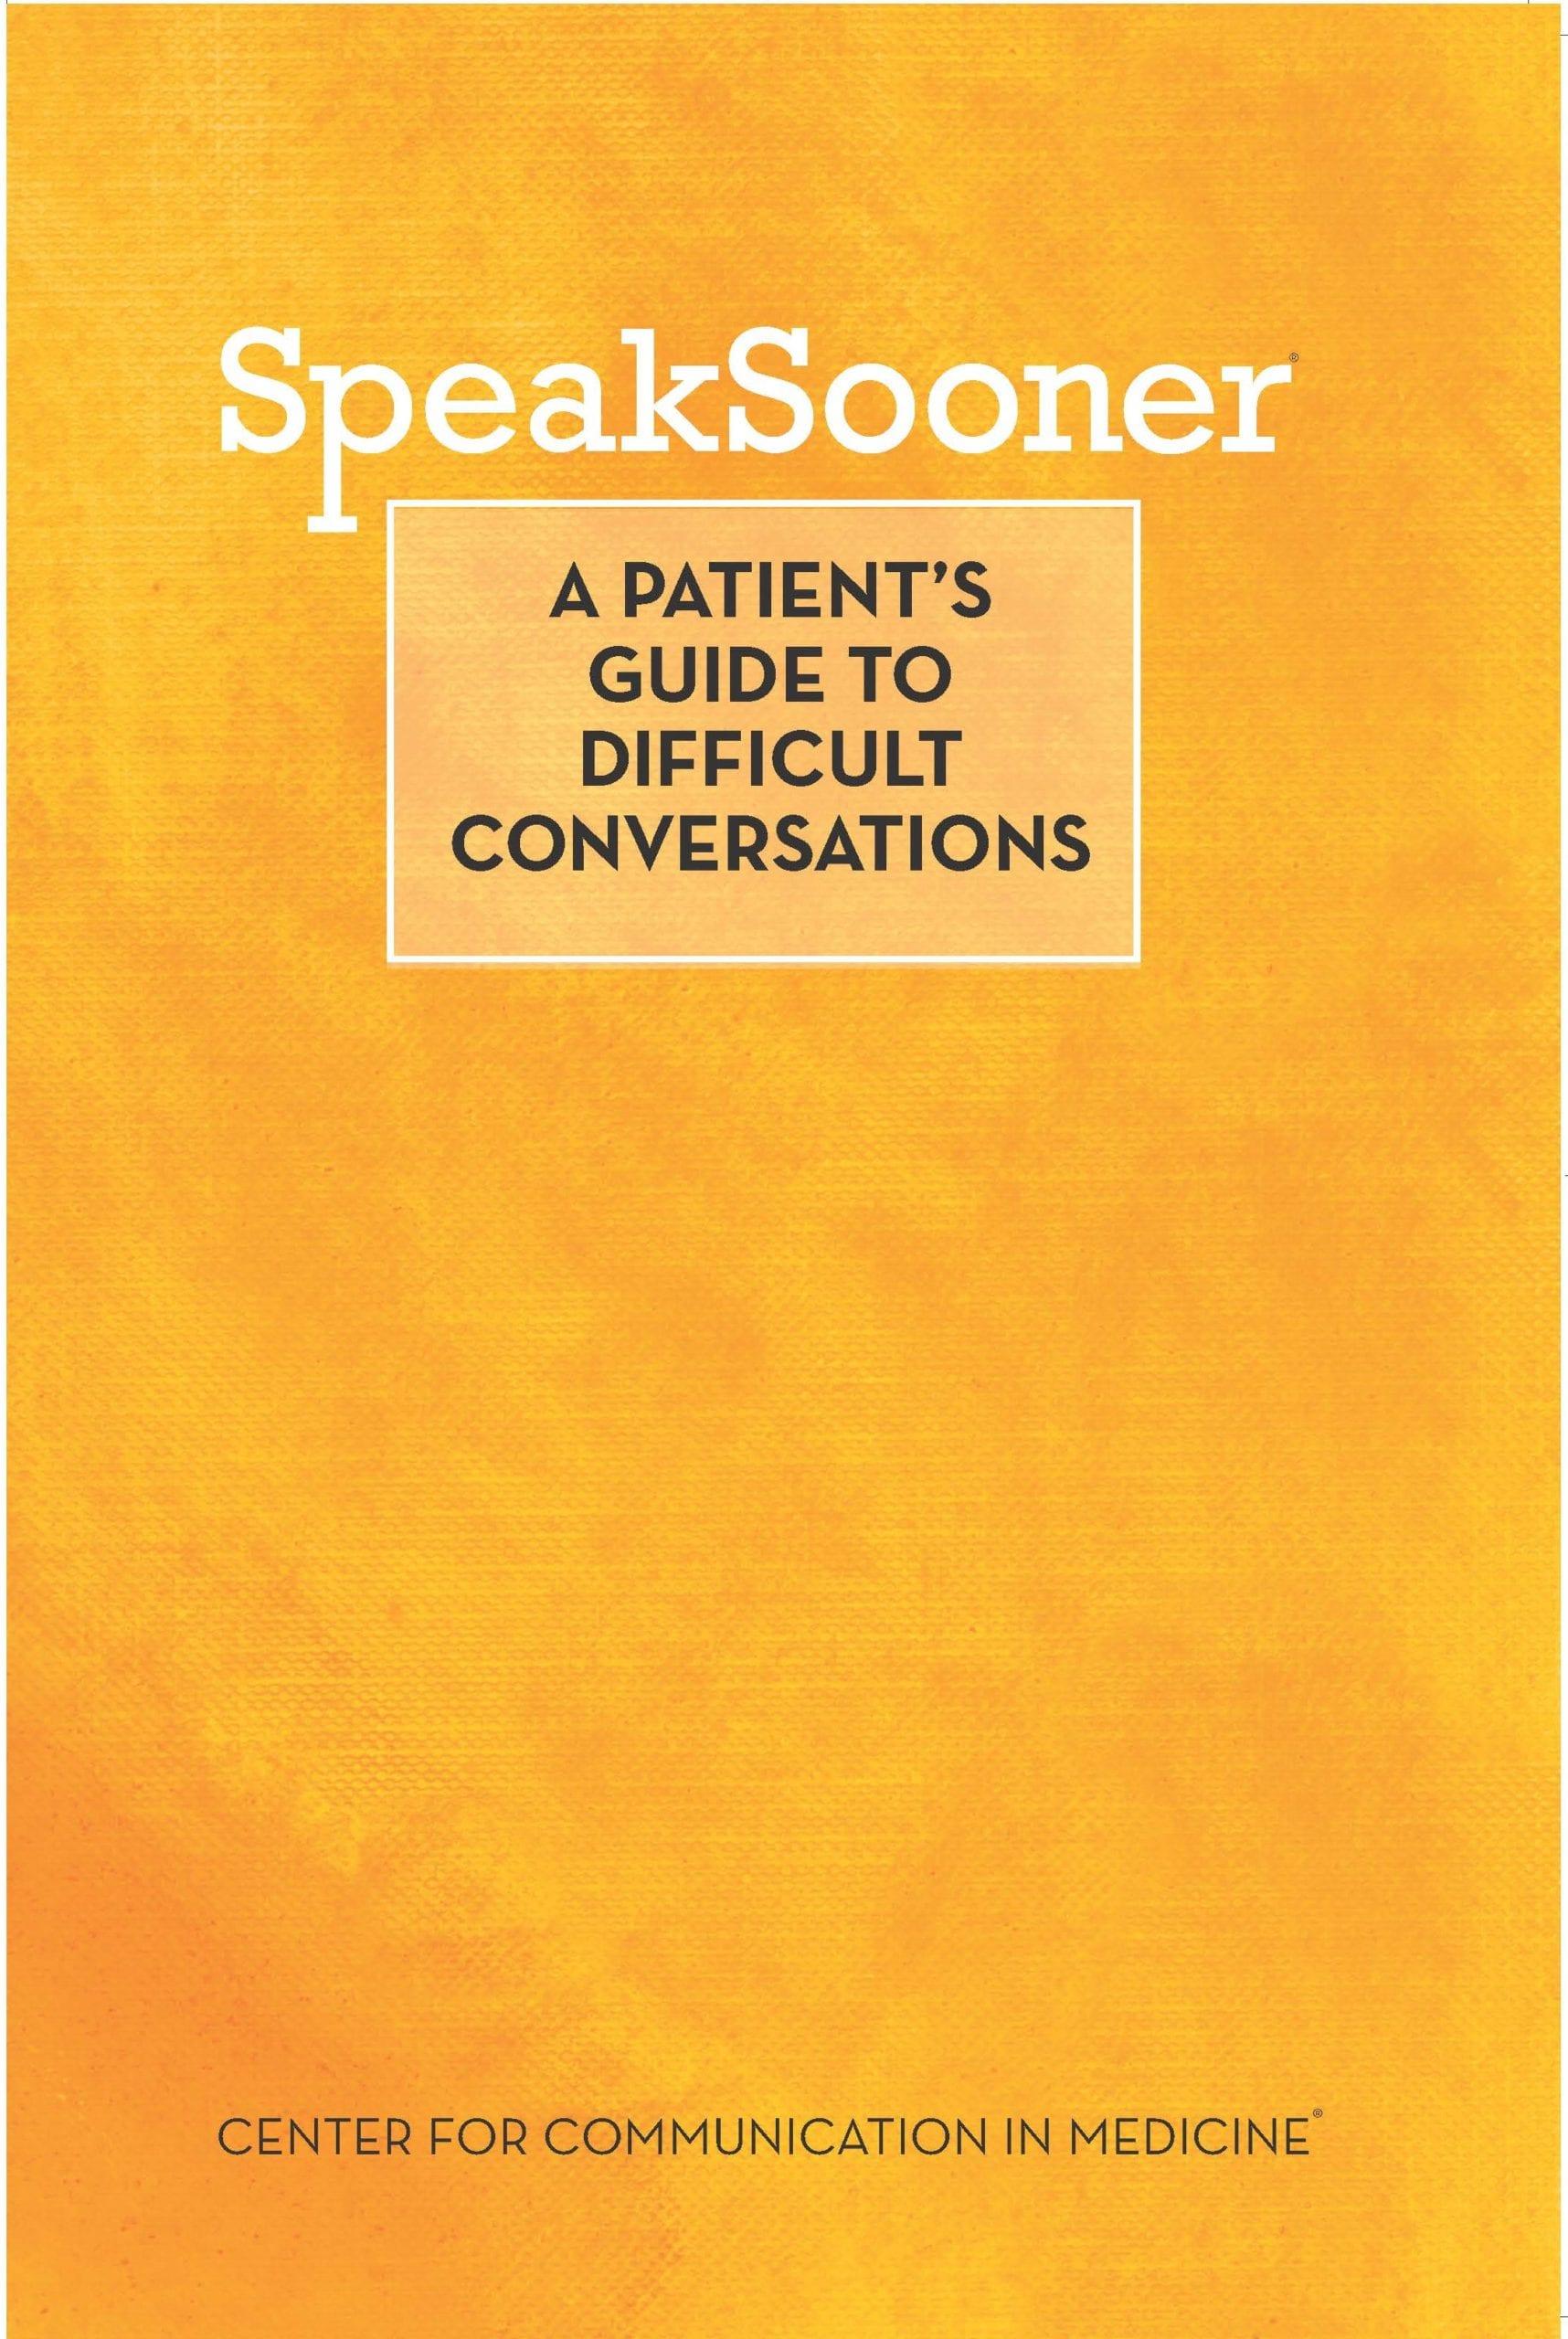 Speak Sooner - Guide cover